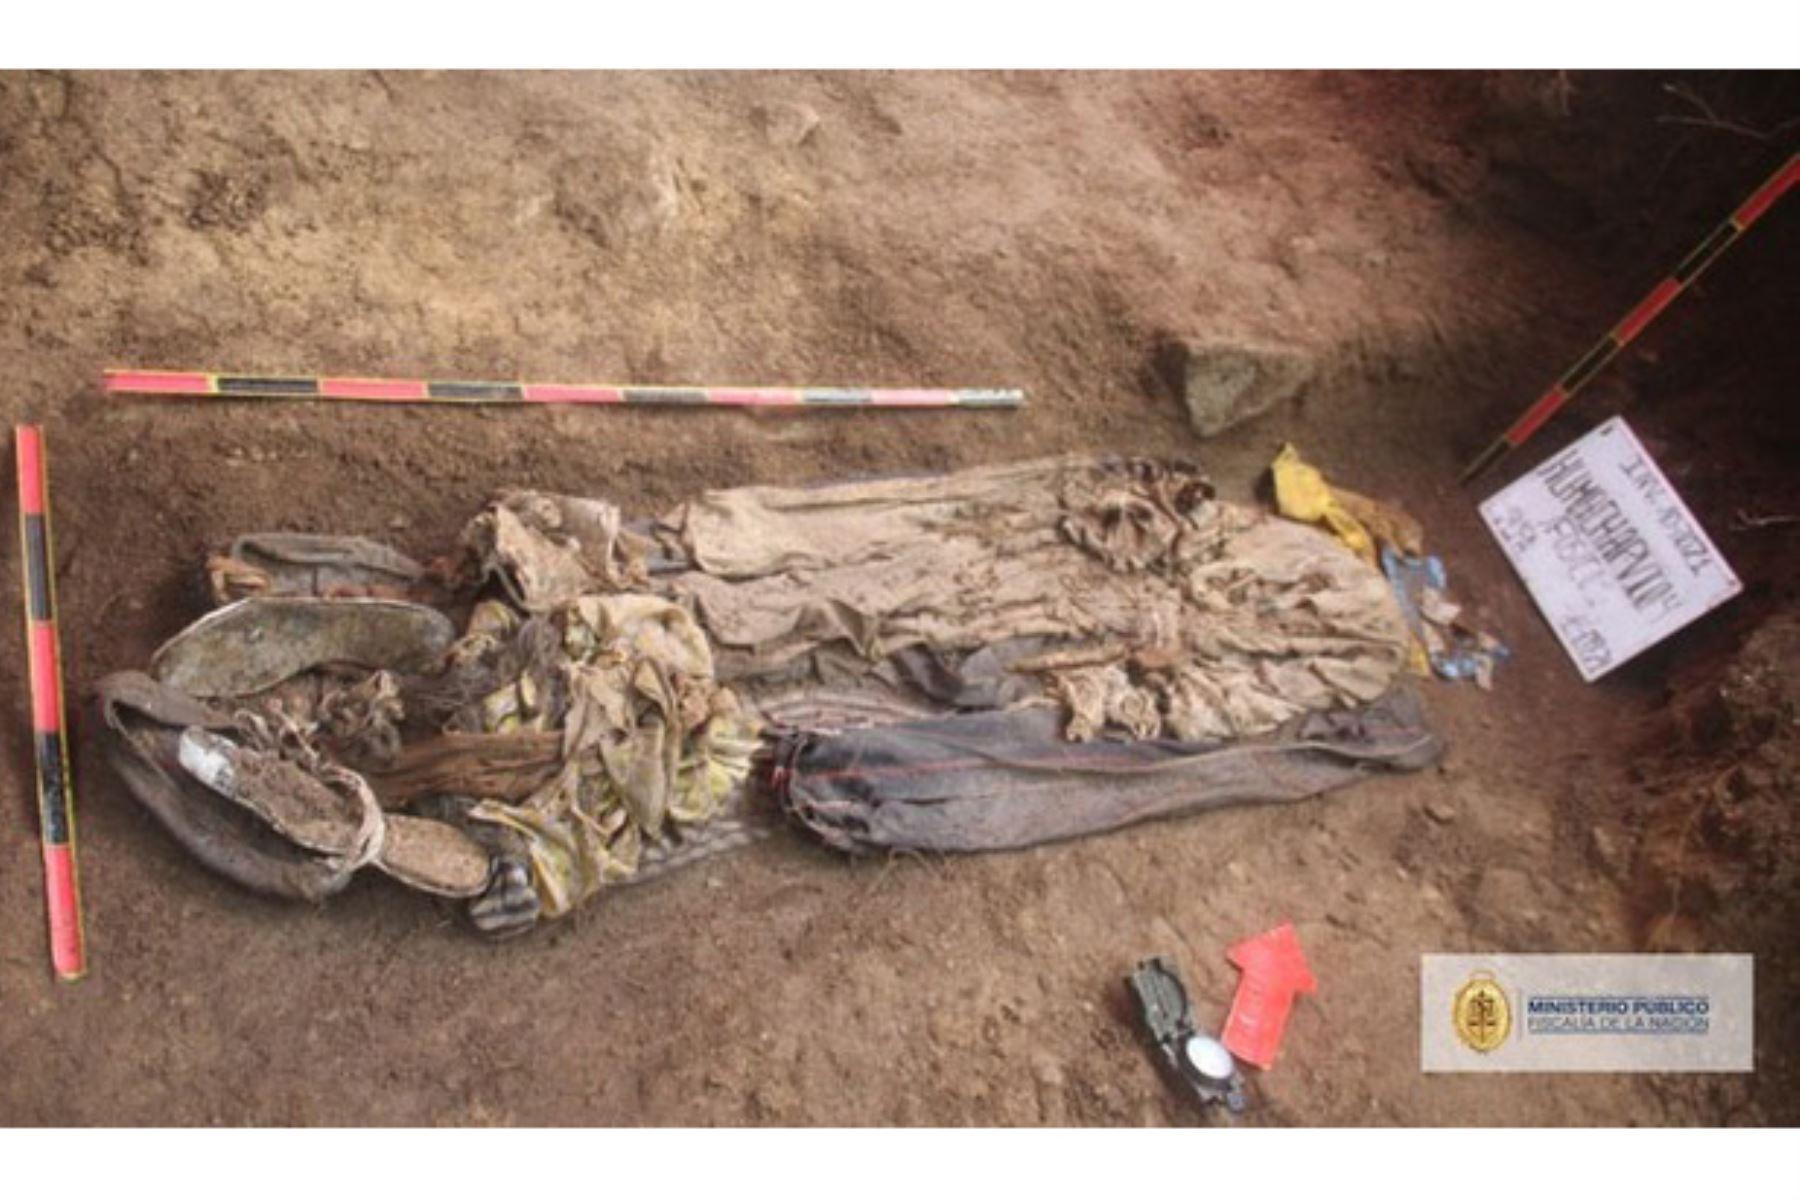 El Ministerio Público encontró e identificó restos de personas desaparecidas desde 1991 en Huánuco.